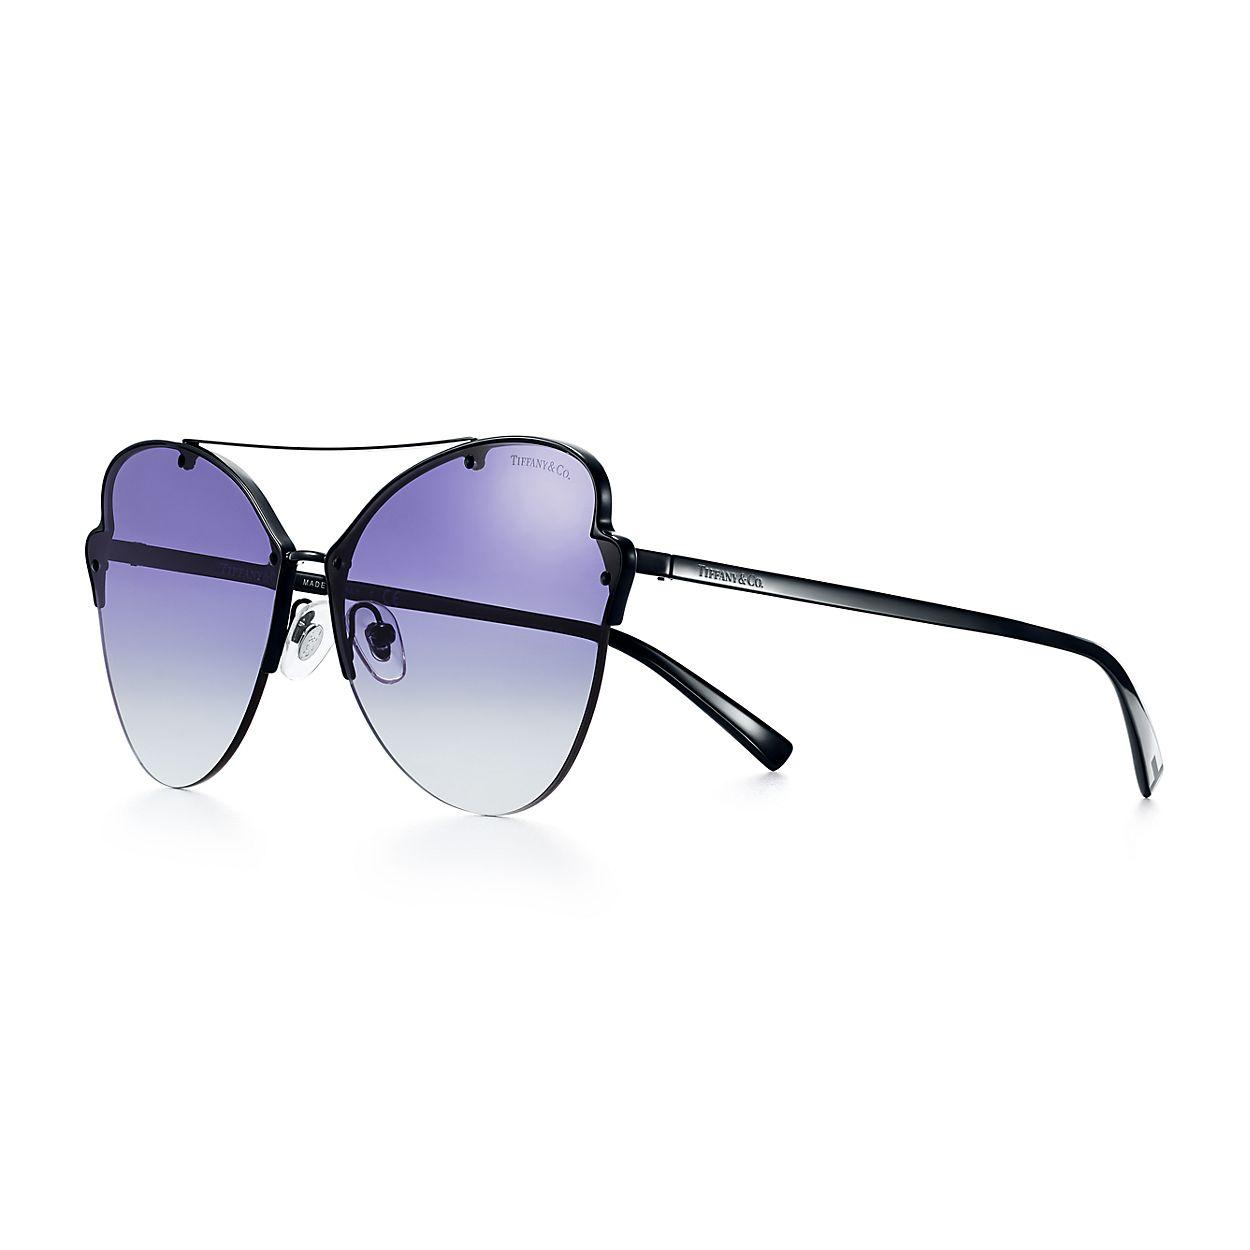 Óculos de sol estilo borboleta Tiffany Paper Flowers em metal preto ... be7d319559